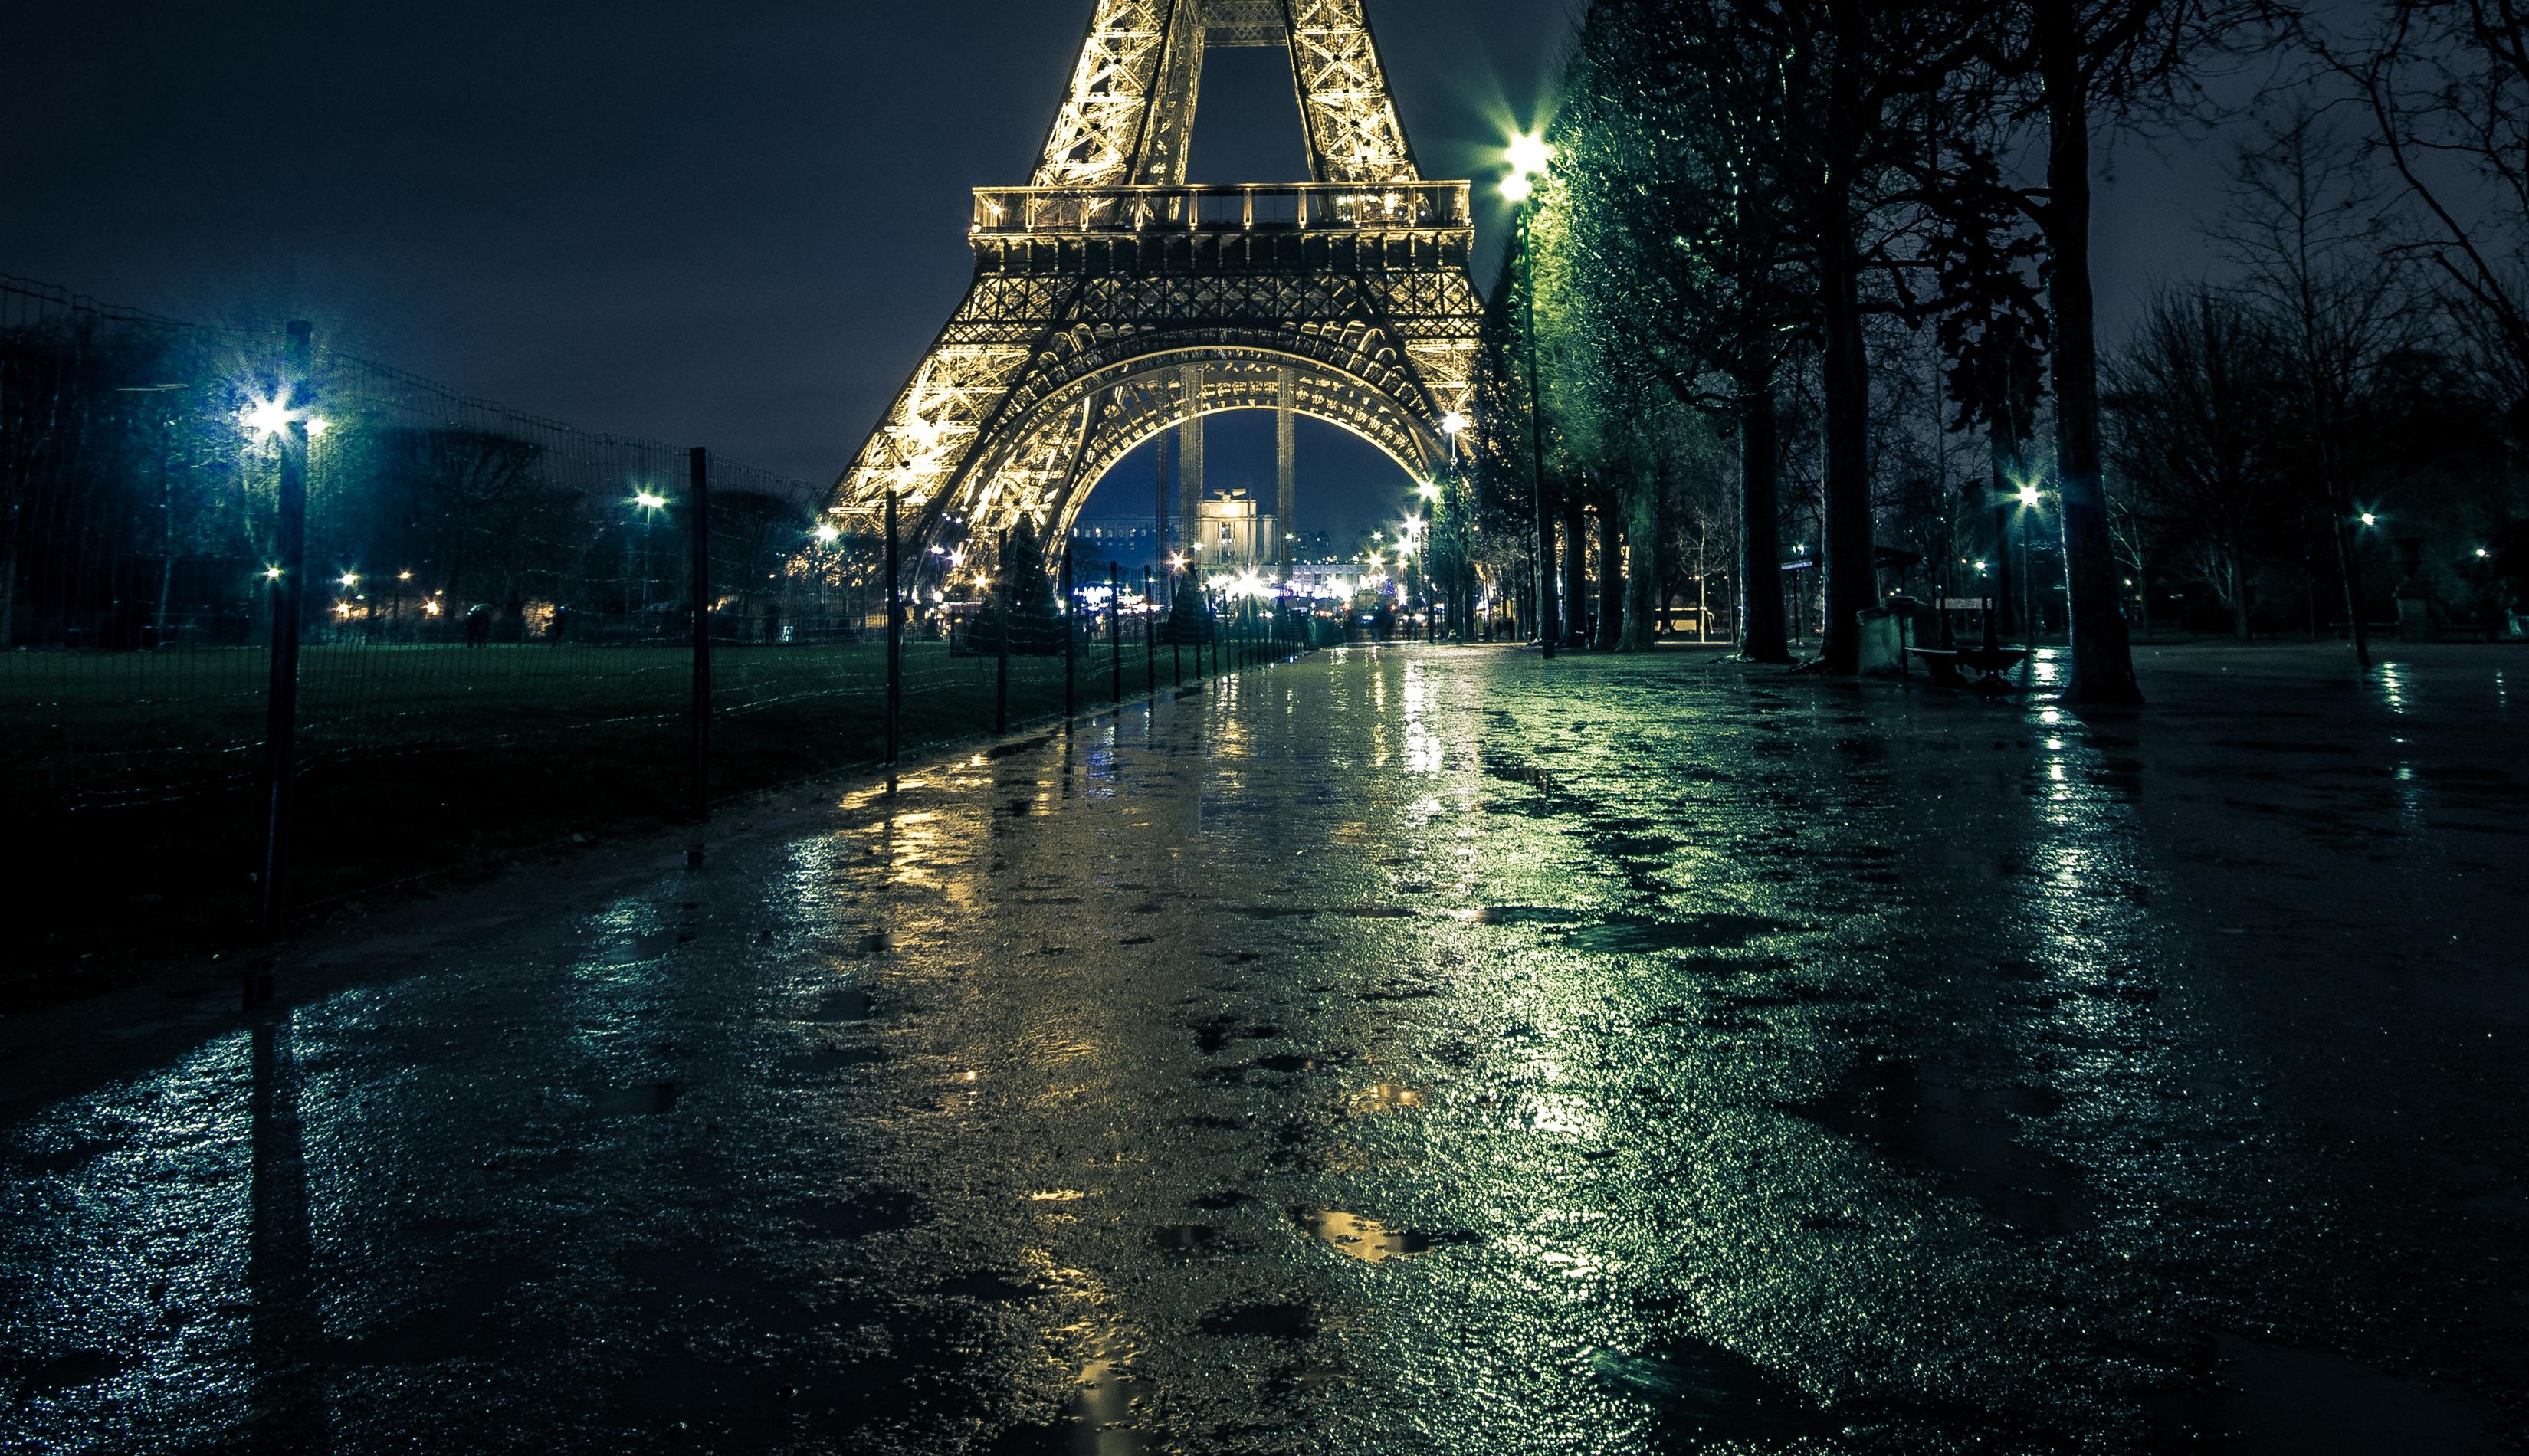 Франция дороги ночь фонари загрузить